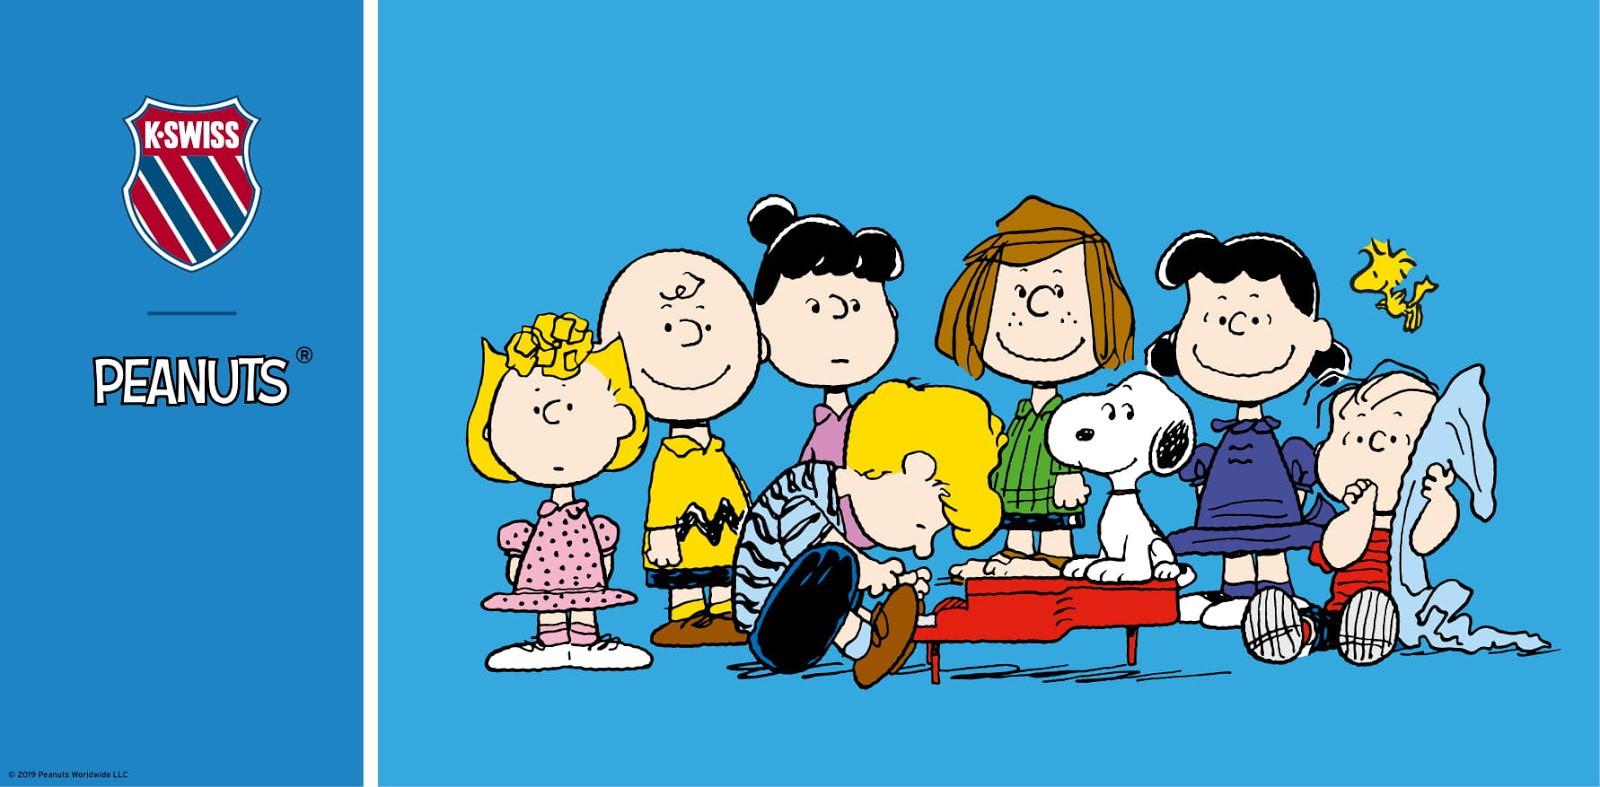 K-Swiss tái hiện hình ảnh tuổi thơ với Peanuts Gang trong bộ sưu tập mới nhất - Ảnh 1.